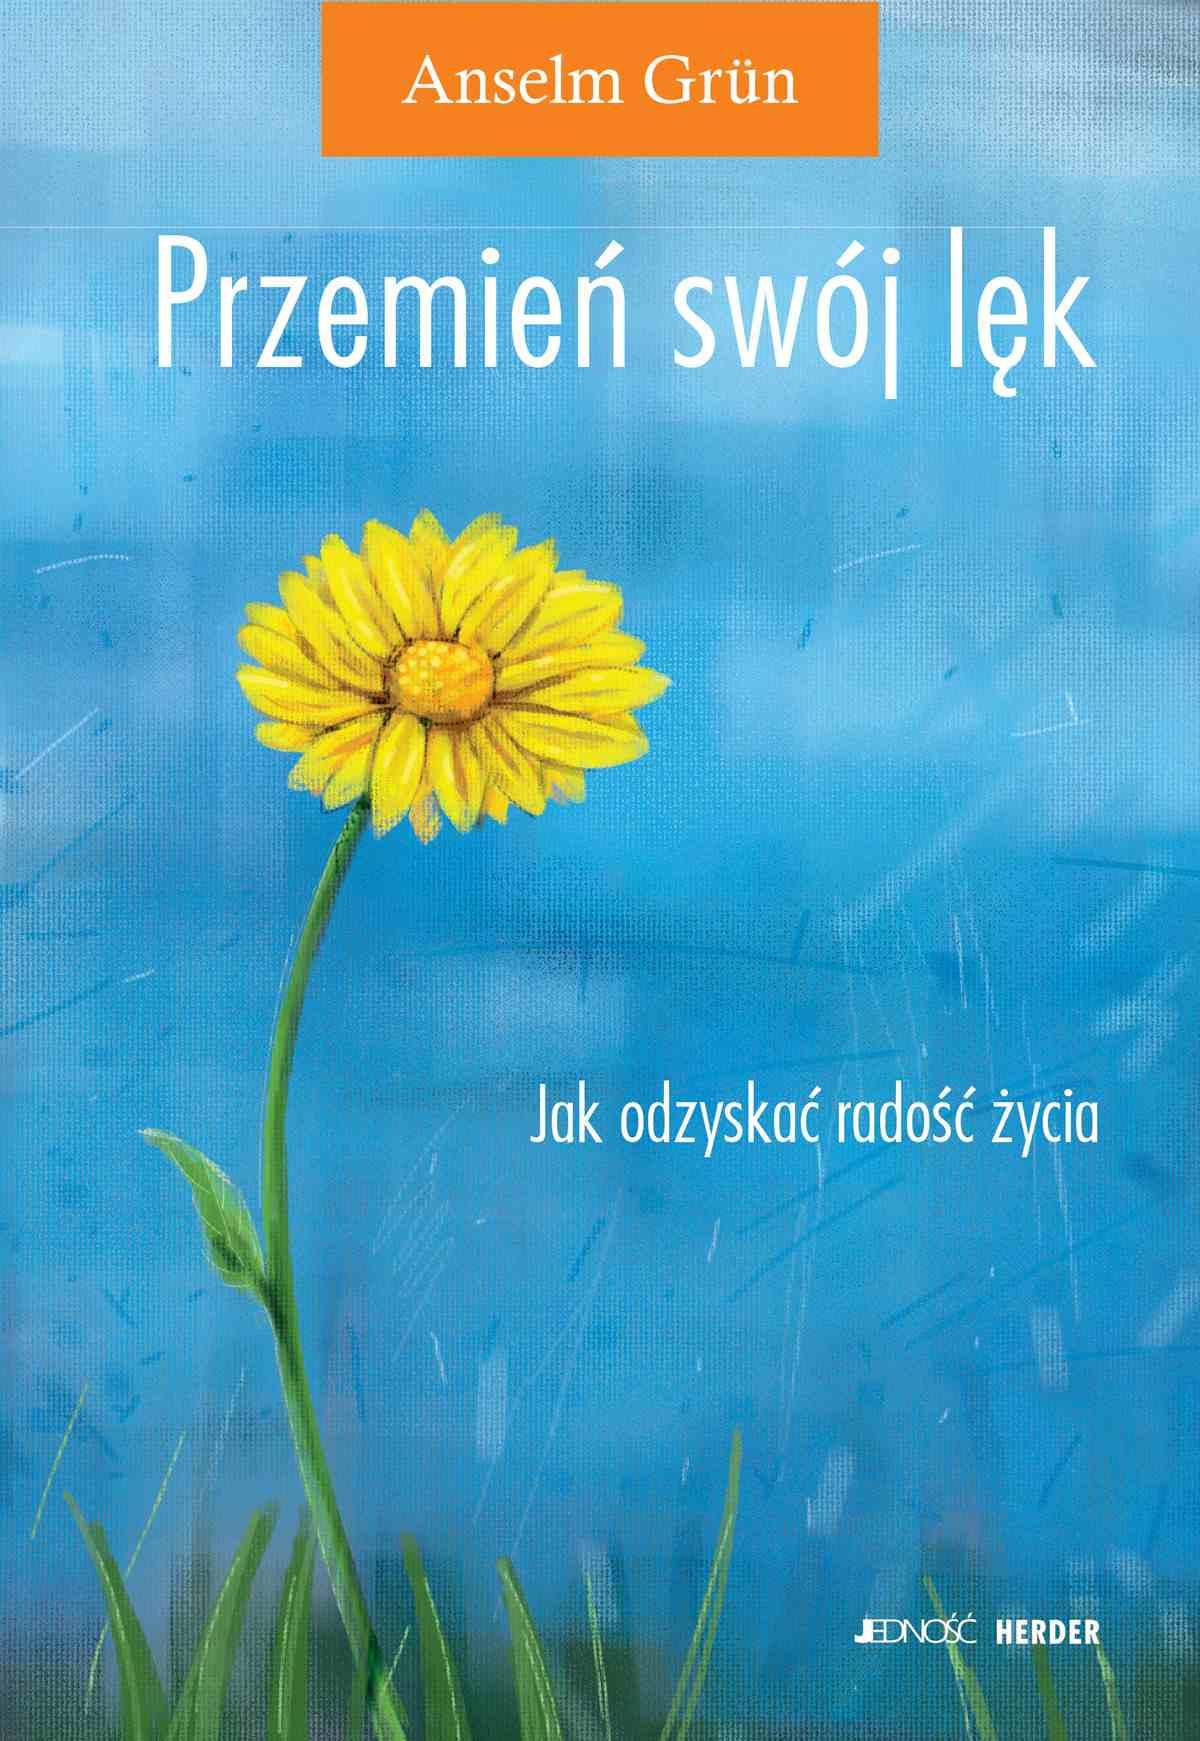 Przemień swój lęk. Jak odzyskać radość życia? - Ebook (Książka na Kindle) do pobrania w formacie MOBI